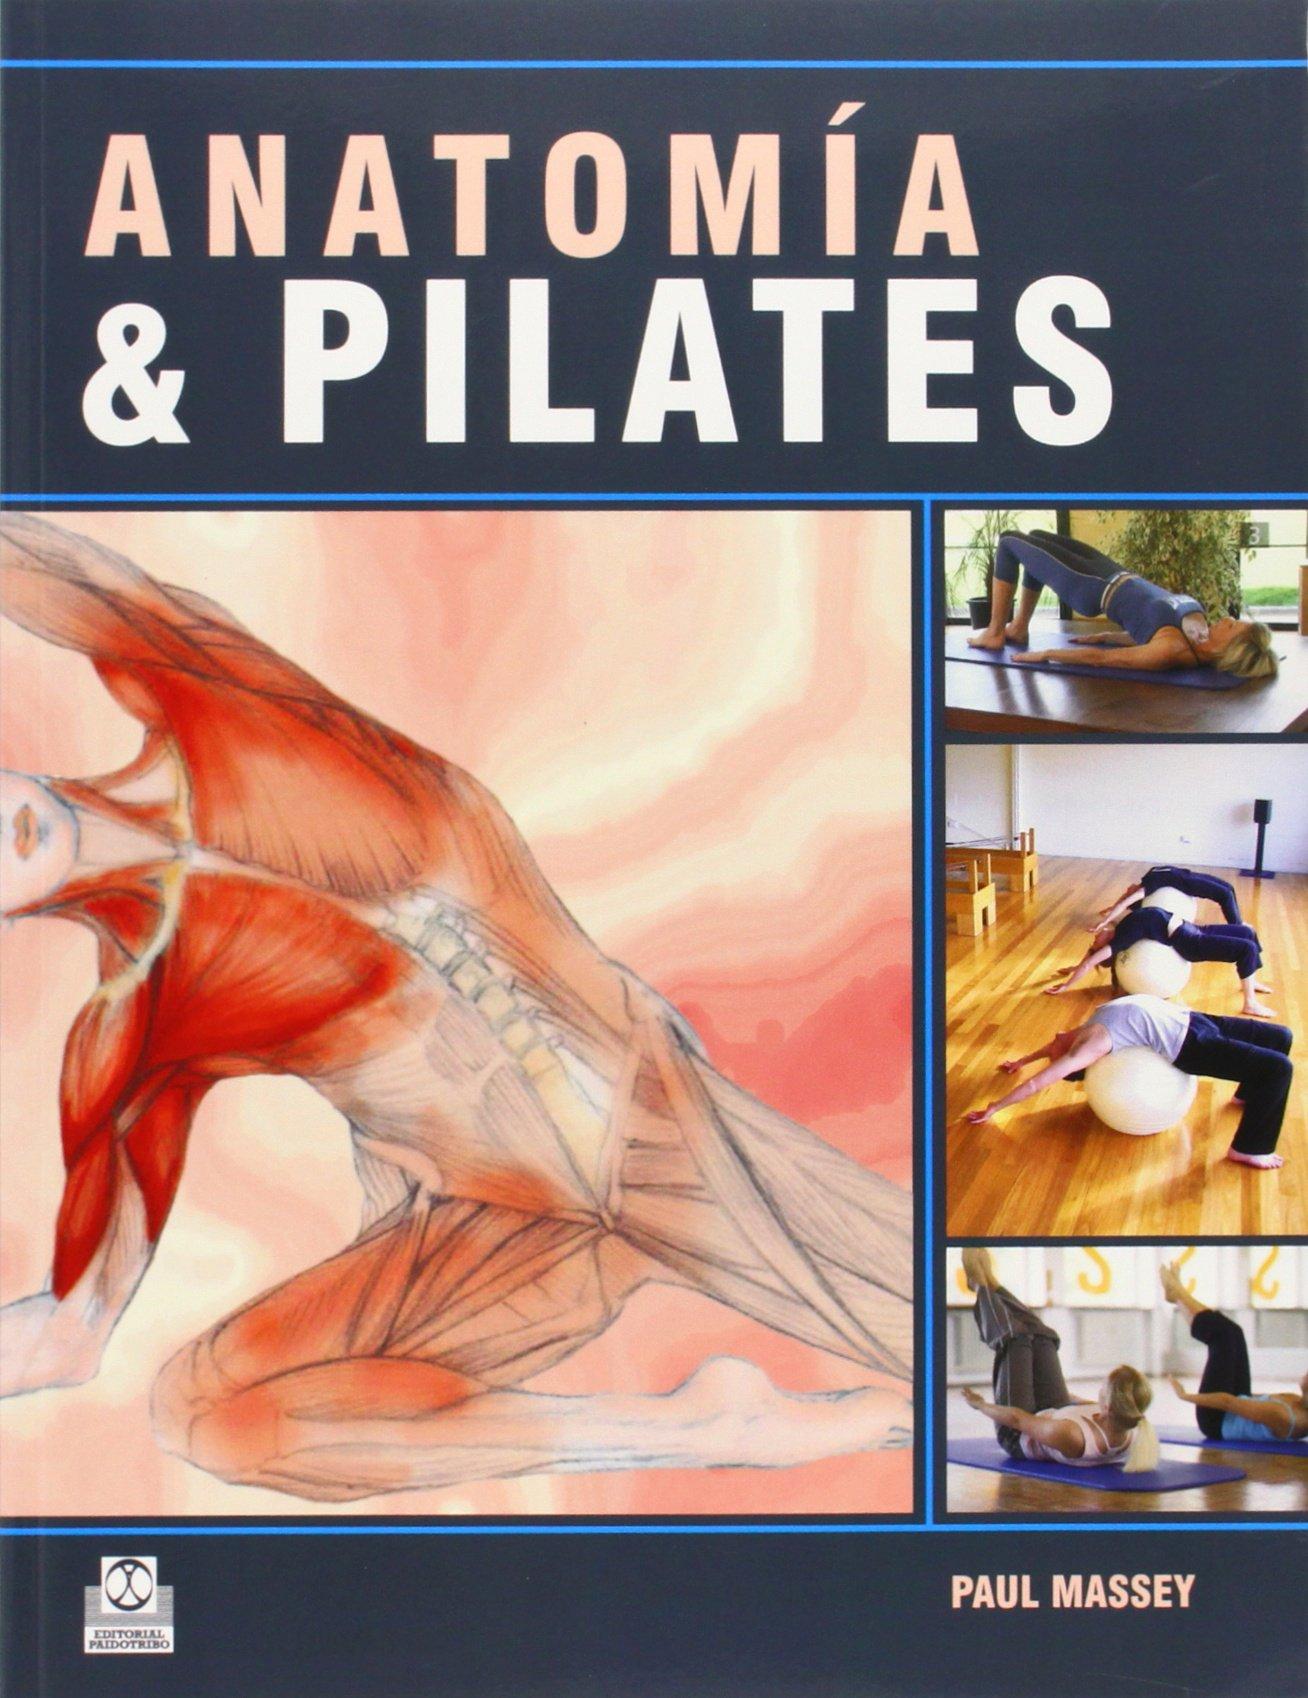 ANATOMÍA & PILATES (color): Amazon.es: Paul Massey: Libros